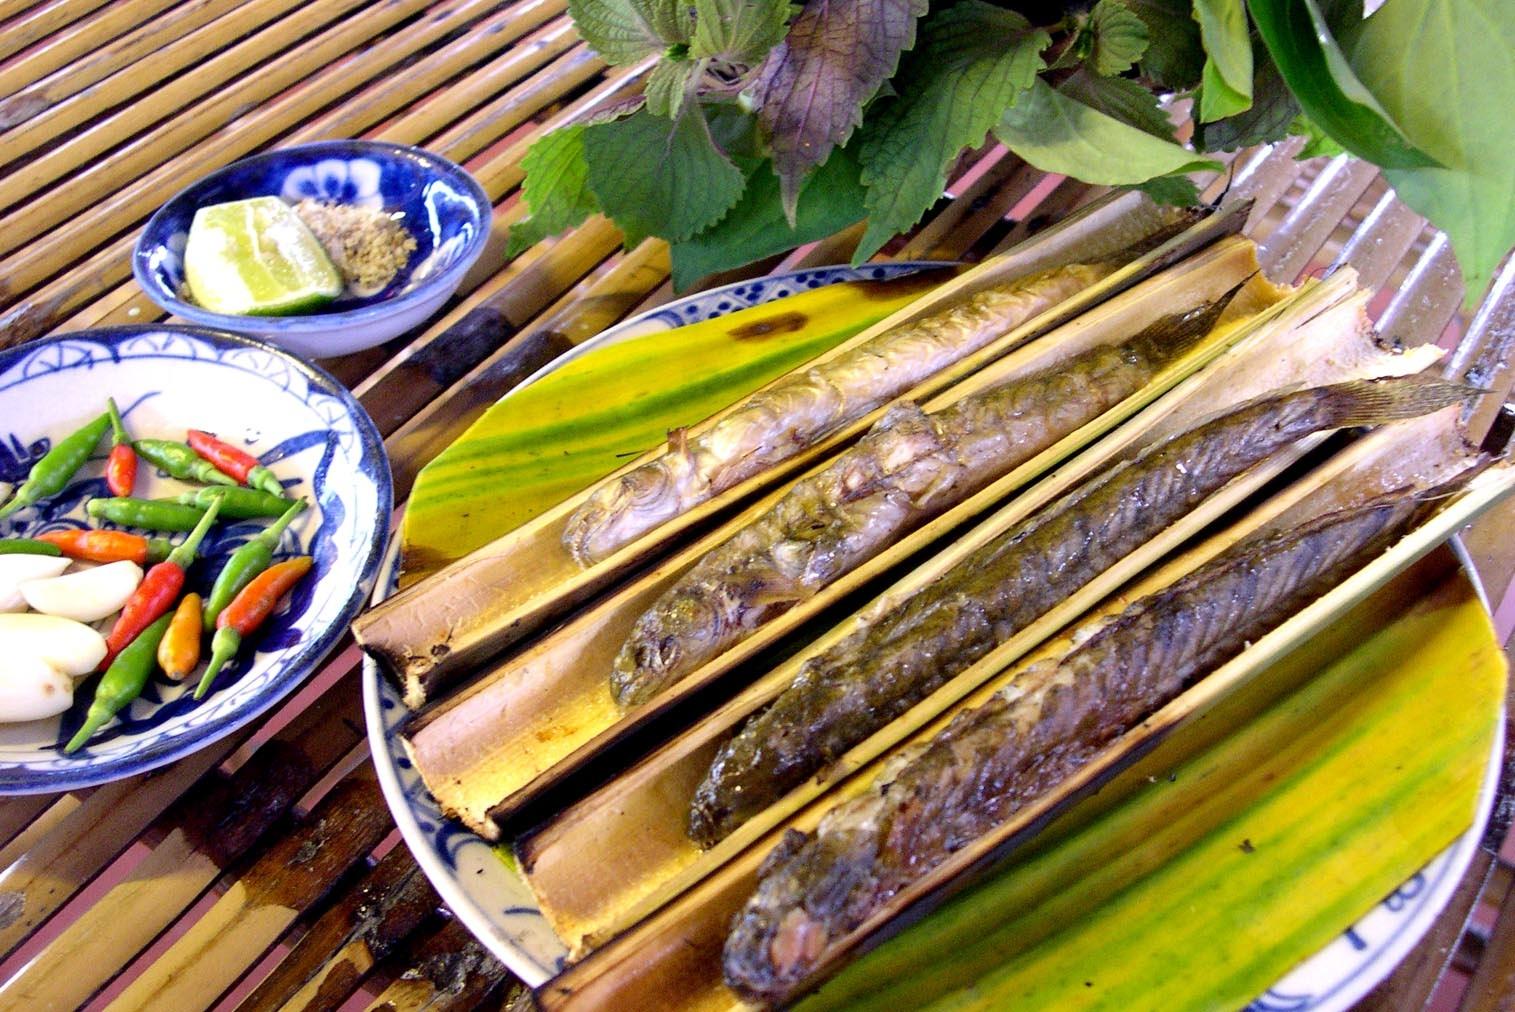 Cá kèo nướng ống sậy - đặc sản của vùng Tây Nam Bộ.